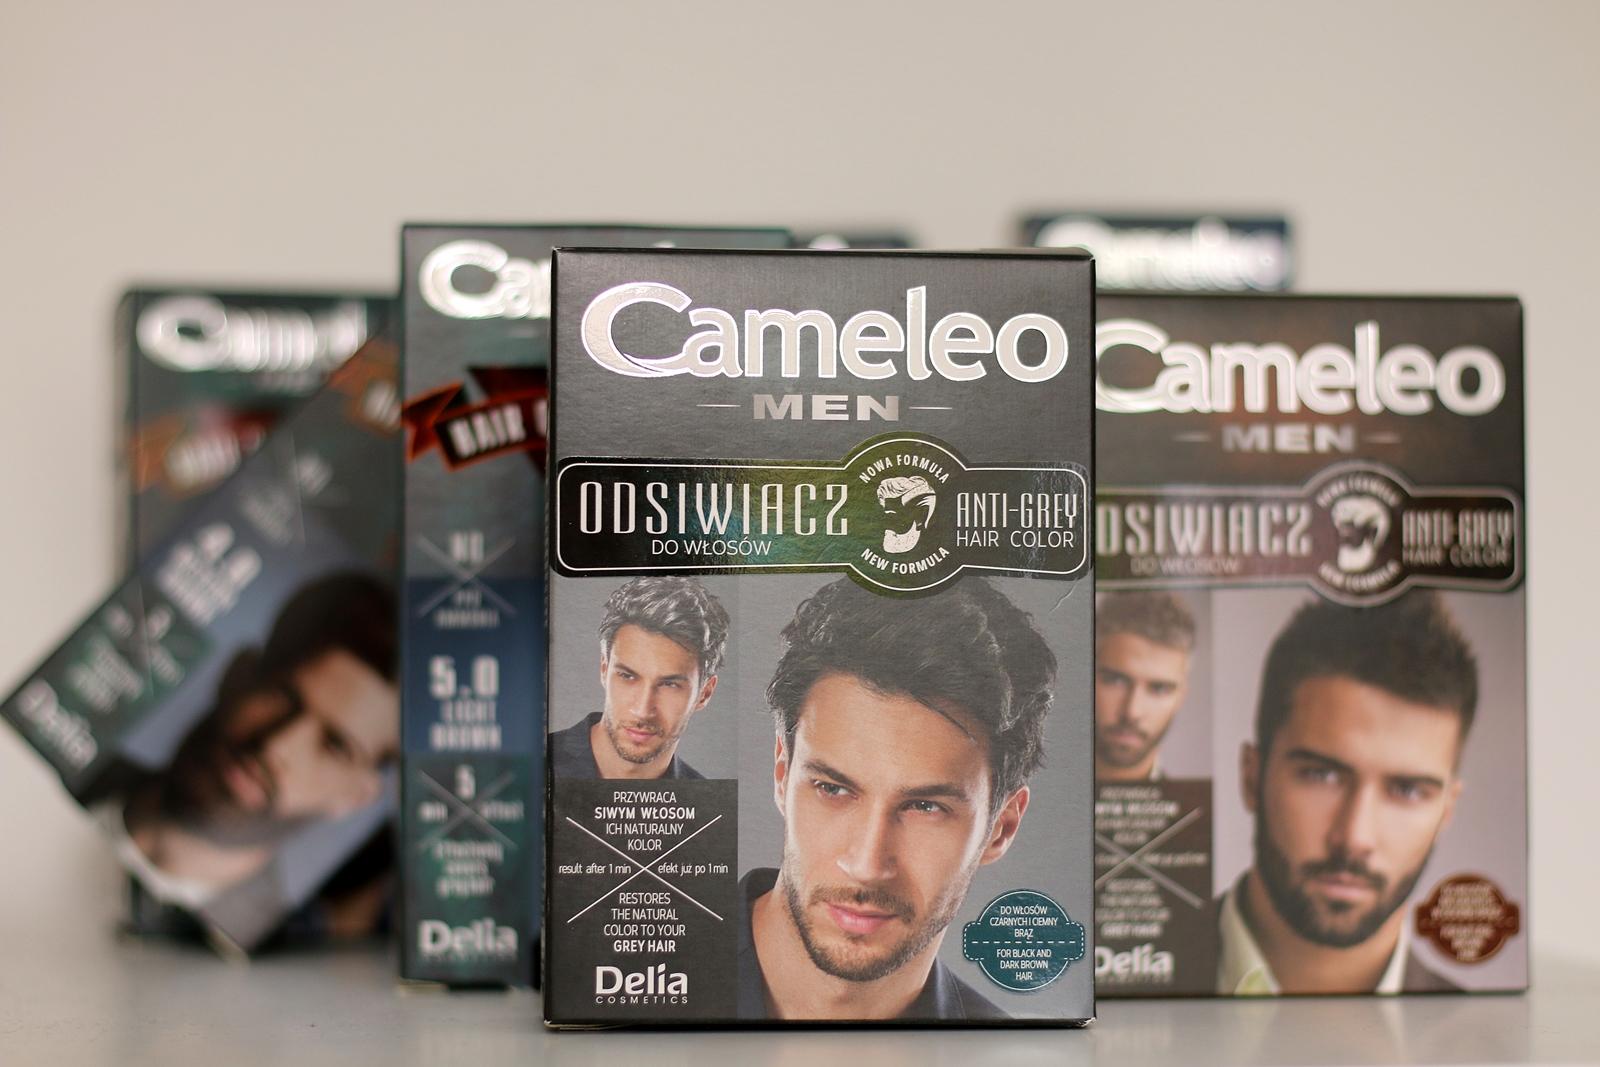 Cameleo odsiwiacz do włosów dla mężczyzn